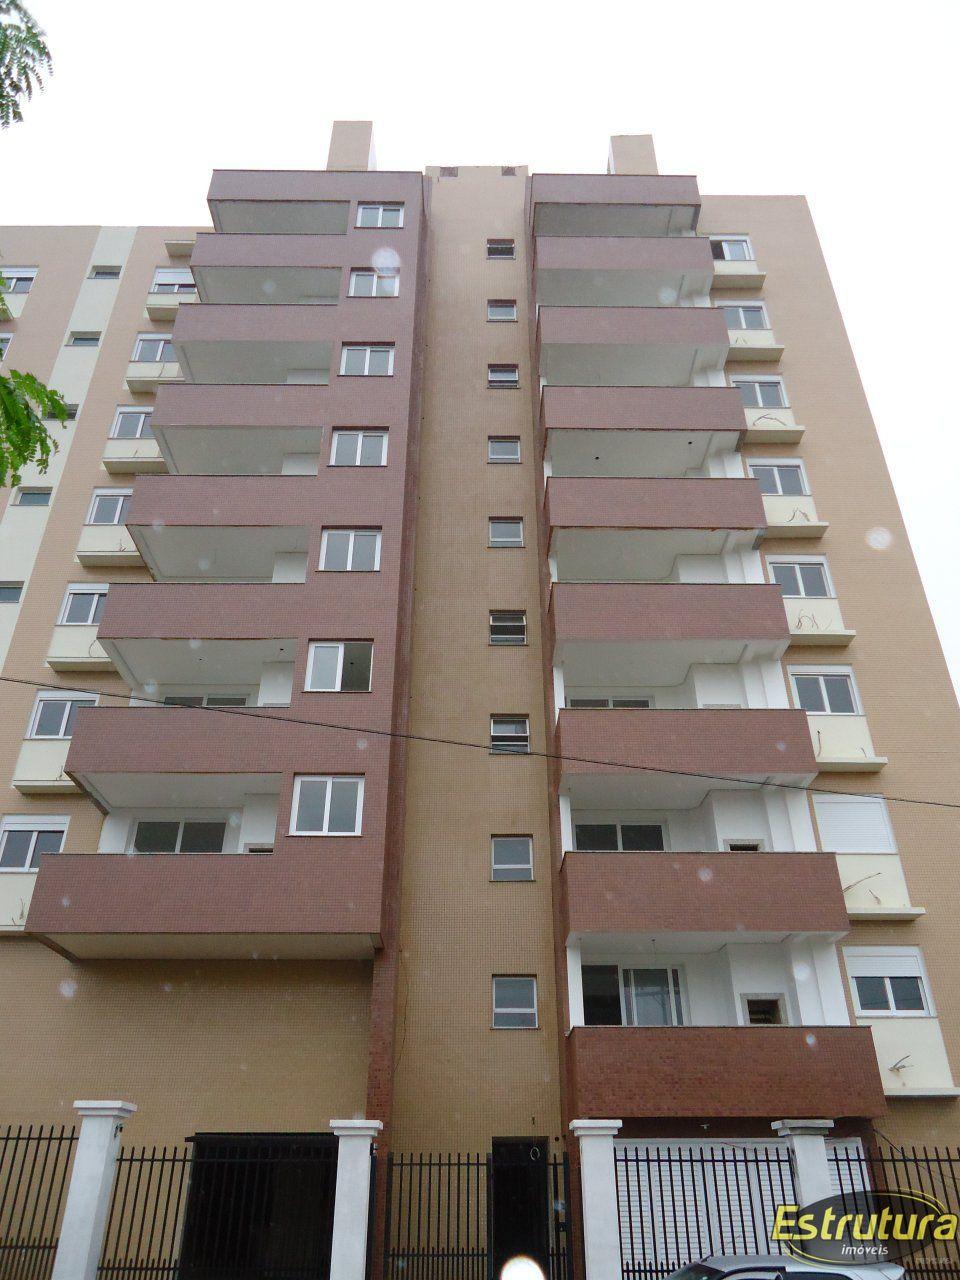 Apartamento com 3 Dormitórios à venda, 111 m² por R$ 557.500,00